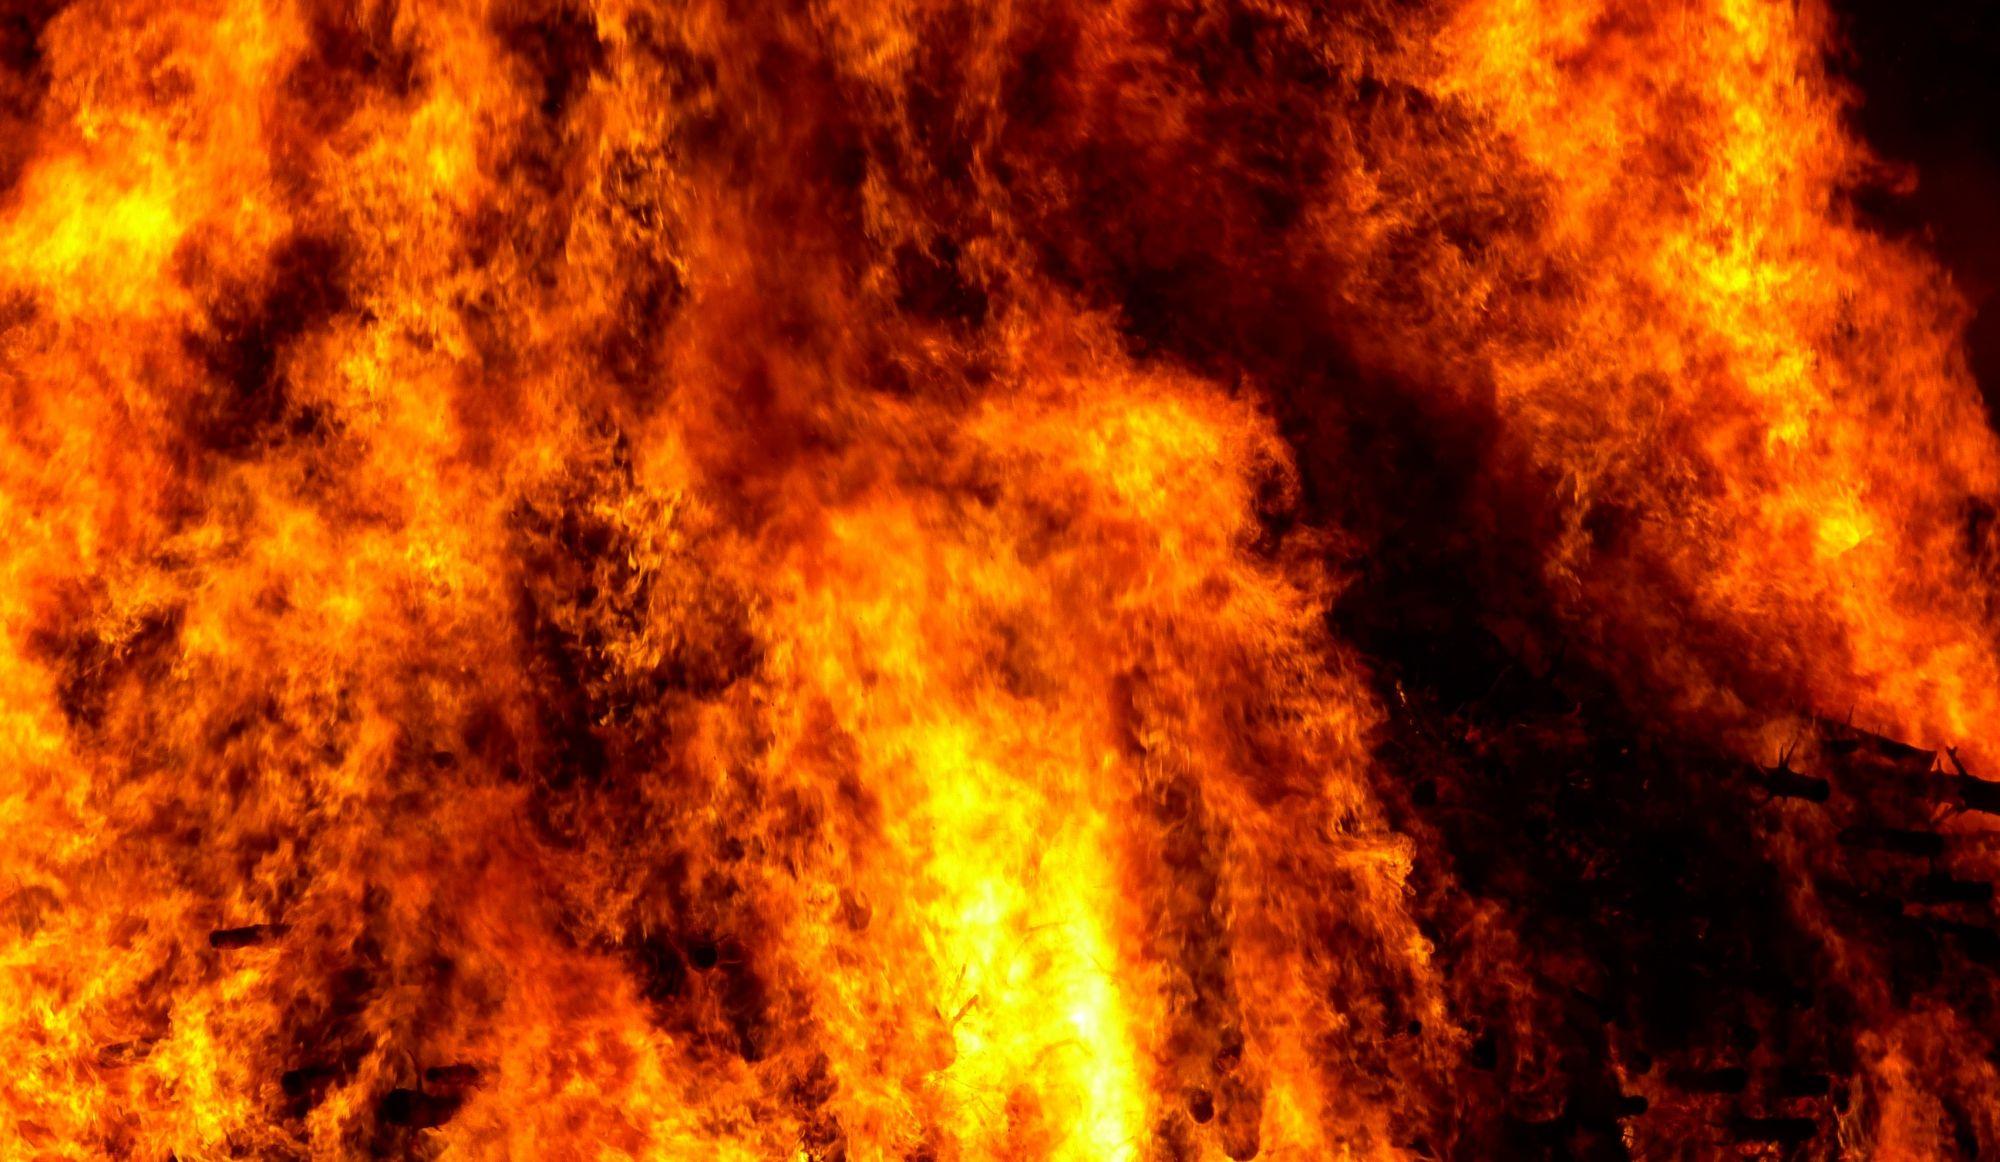 Une personne périt dans un incendie dans Lanaudière